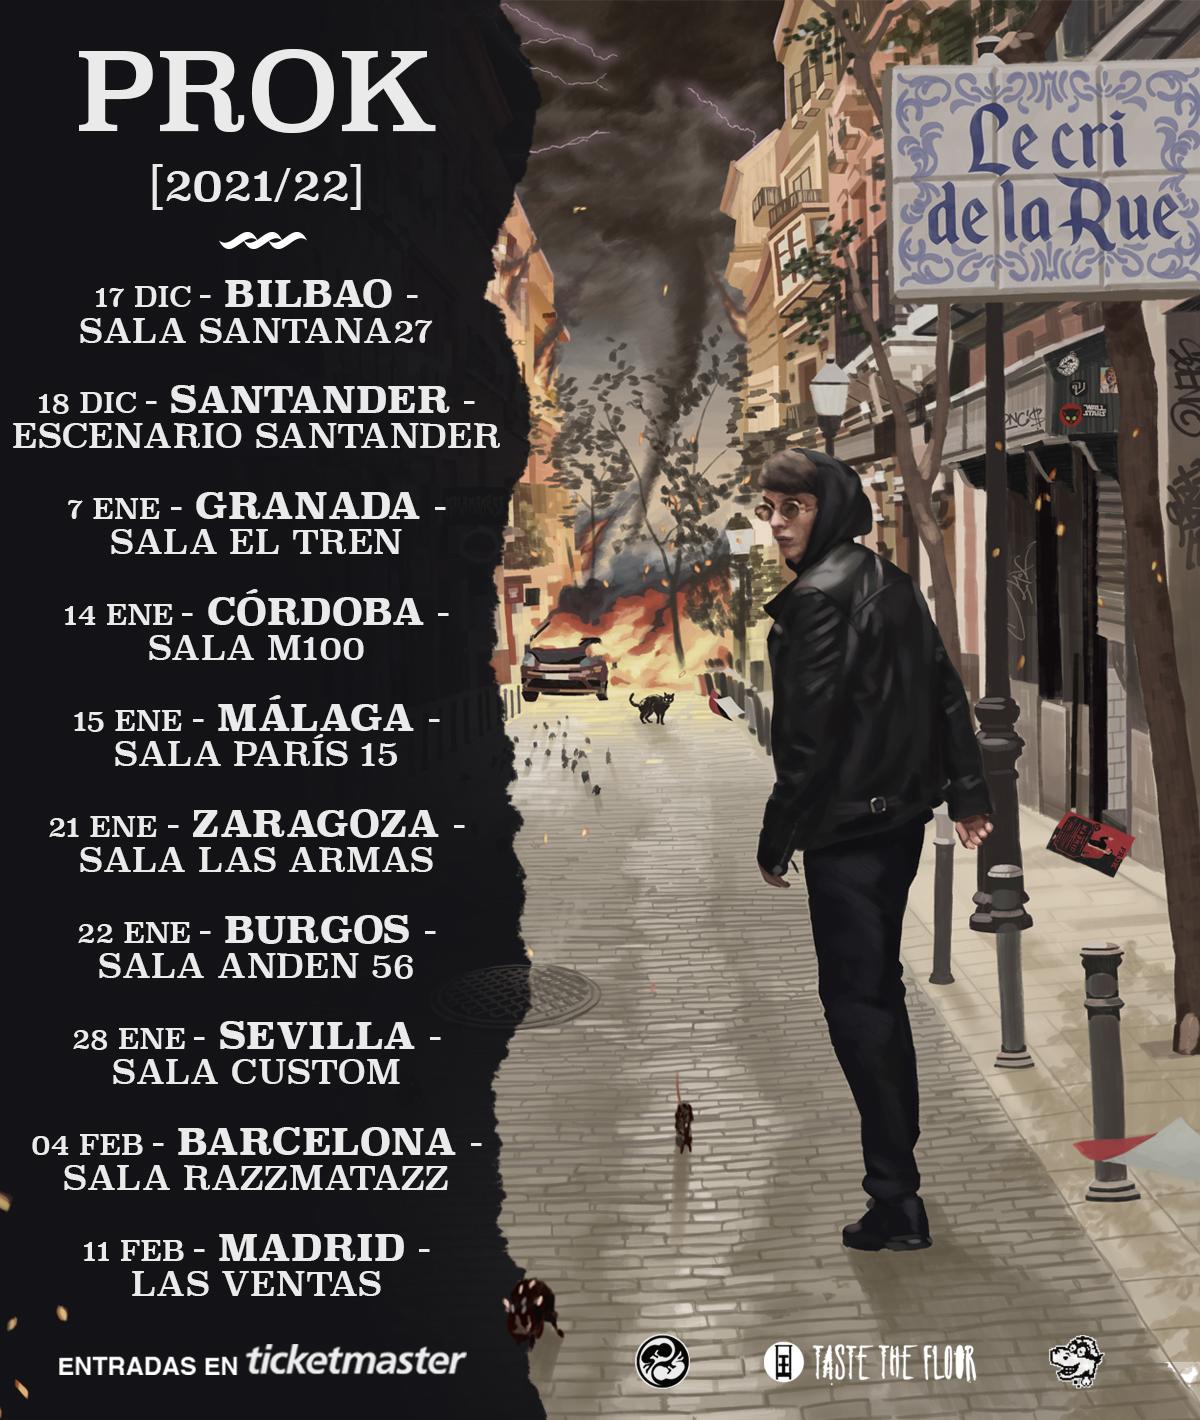 PROK anuncia la fecha de lanzamiento de su álbum